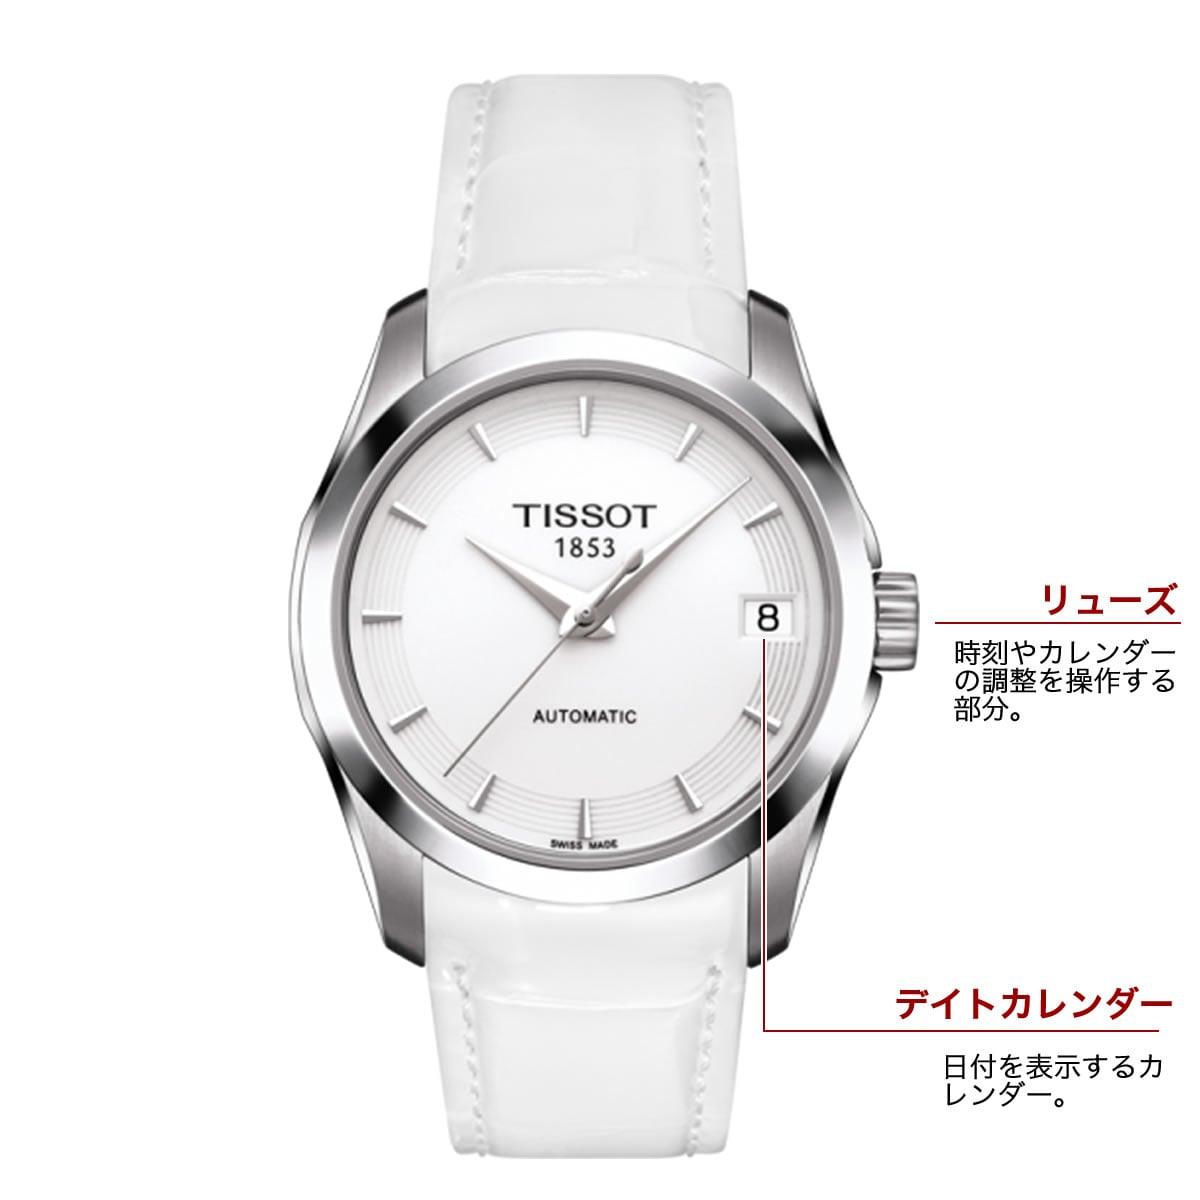 ティソ オートマティック 女性用腕時計t0352071601100